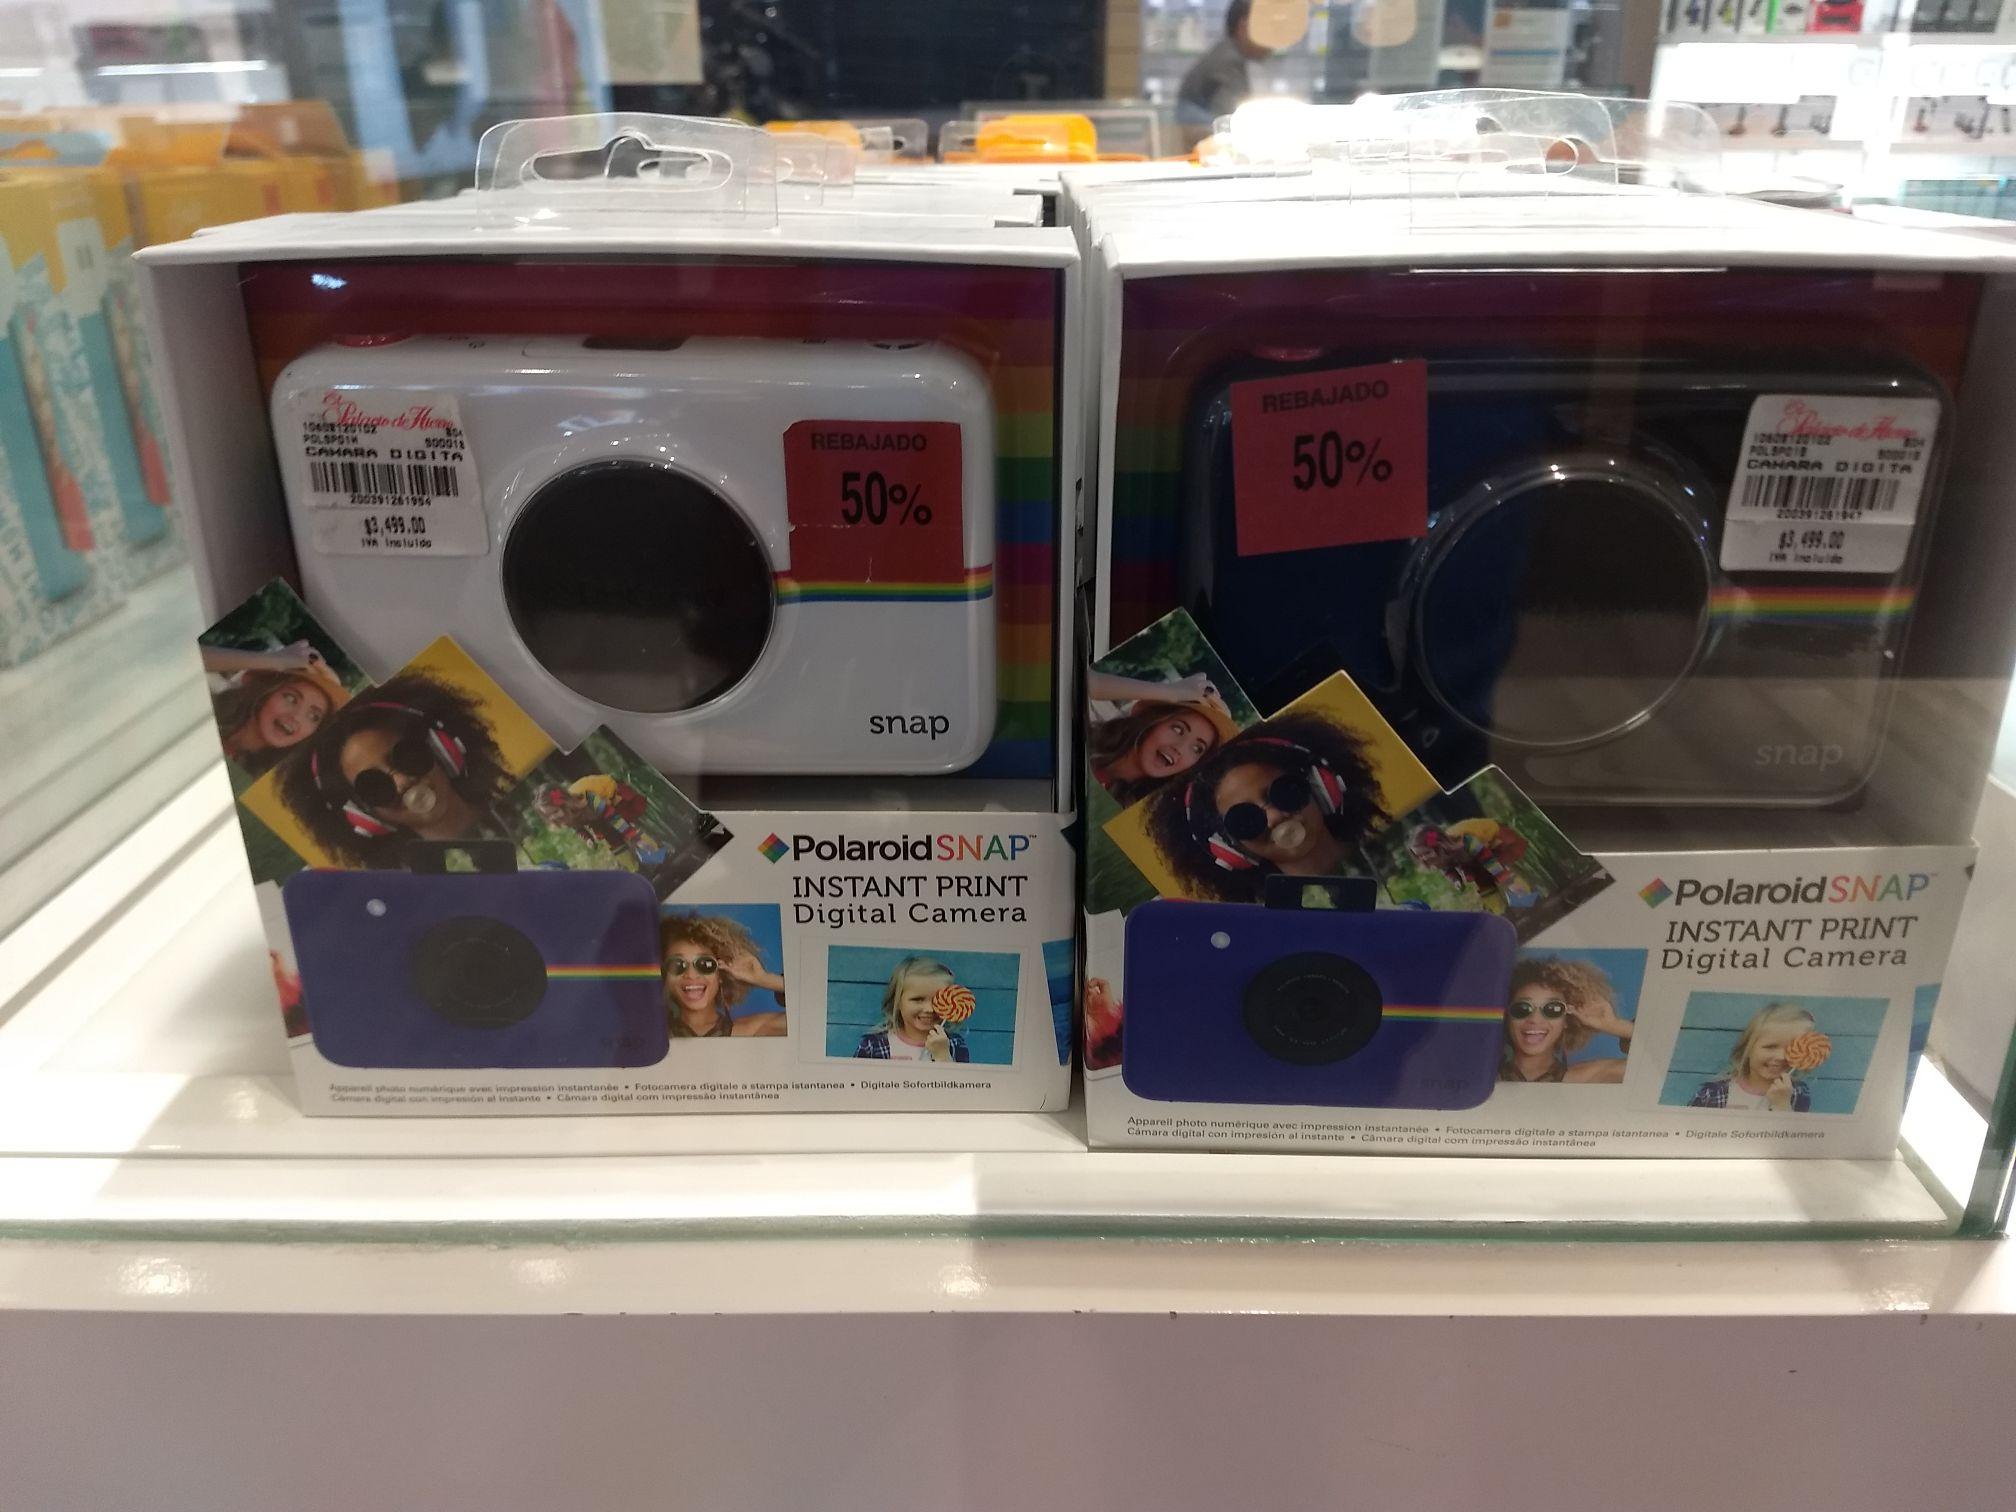 Palacio de hierro polanco Polaroid SNAP instant print digital campera 50% de descuento visto